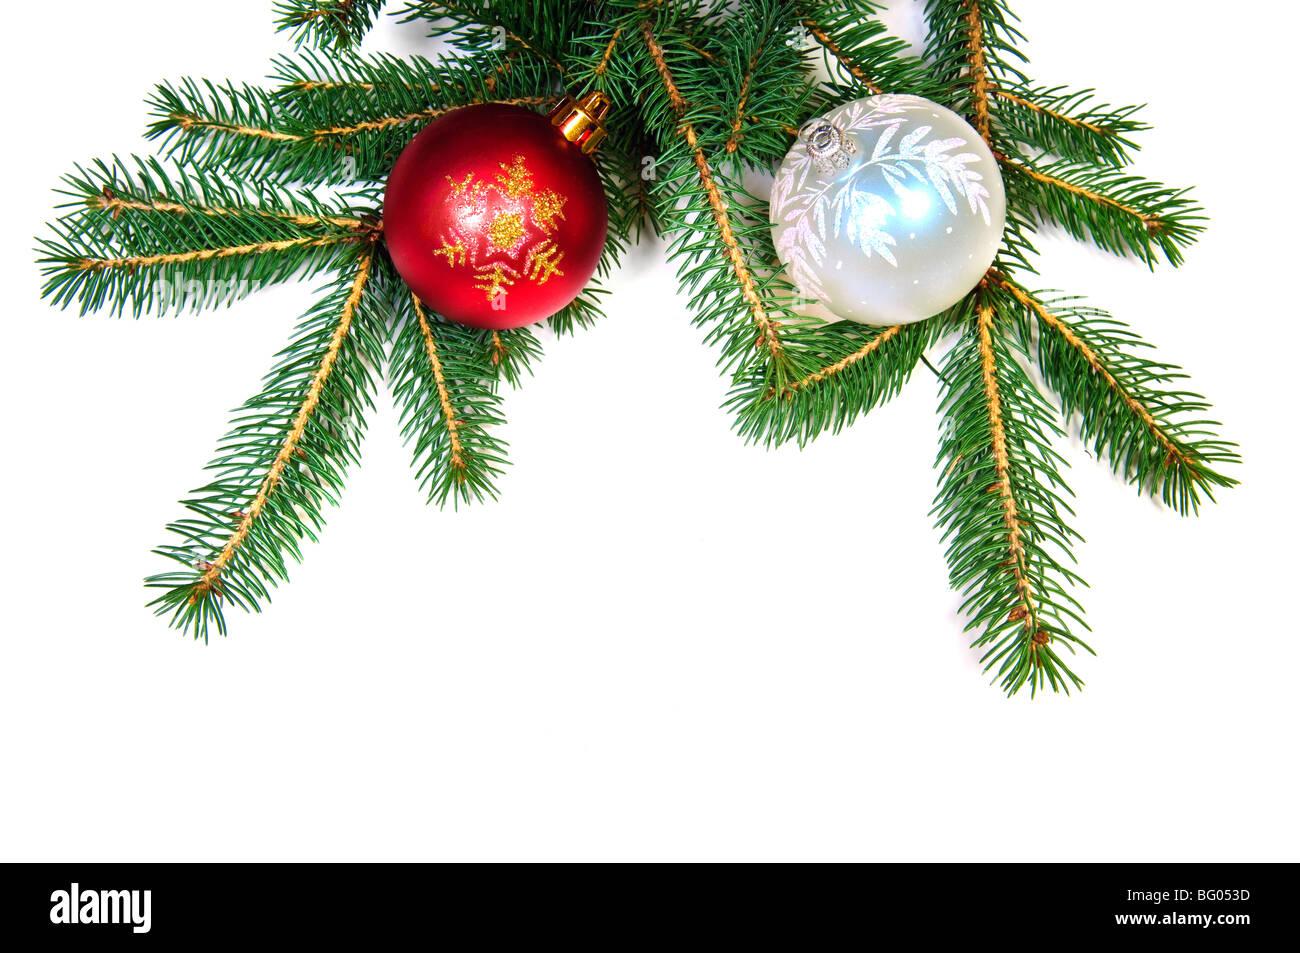 Weihnachten Kugeln auf Fir Tree Branch auf weißem Hintergrund Stockbild